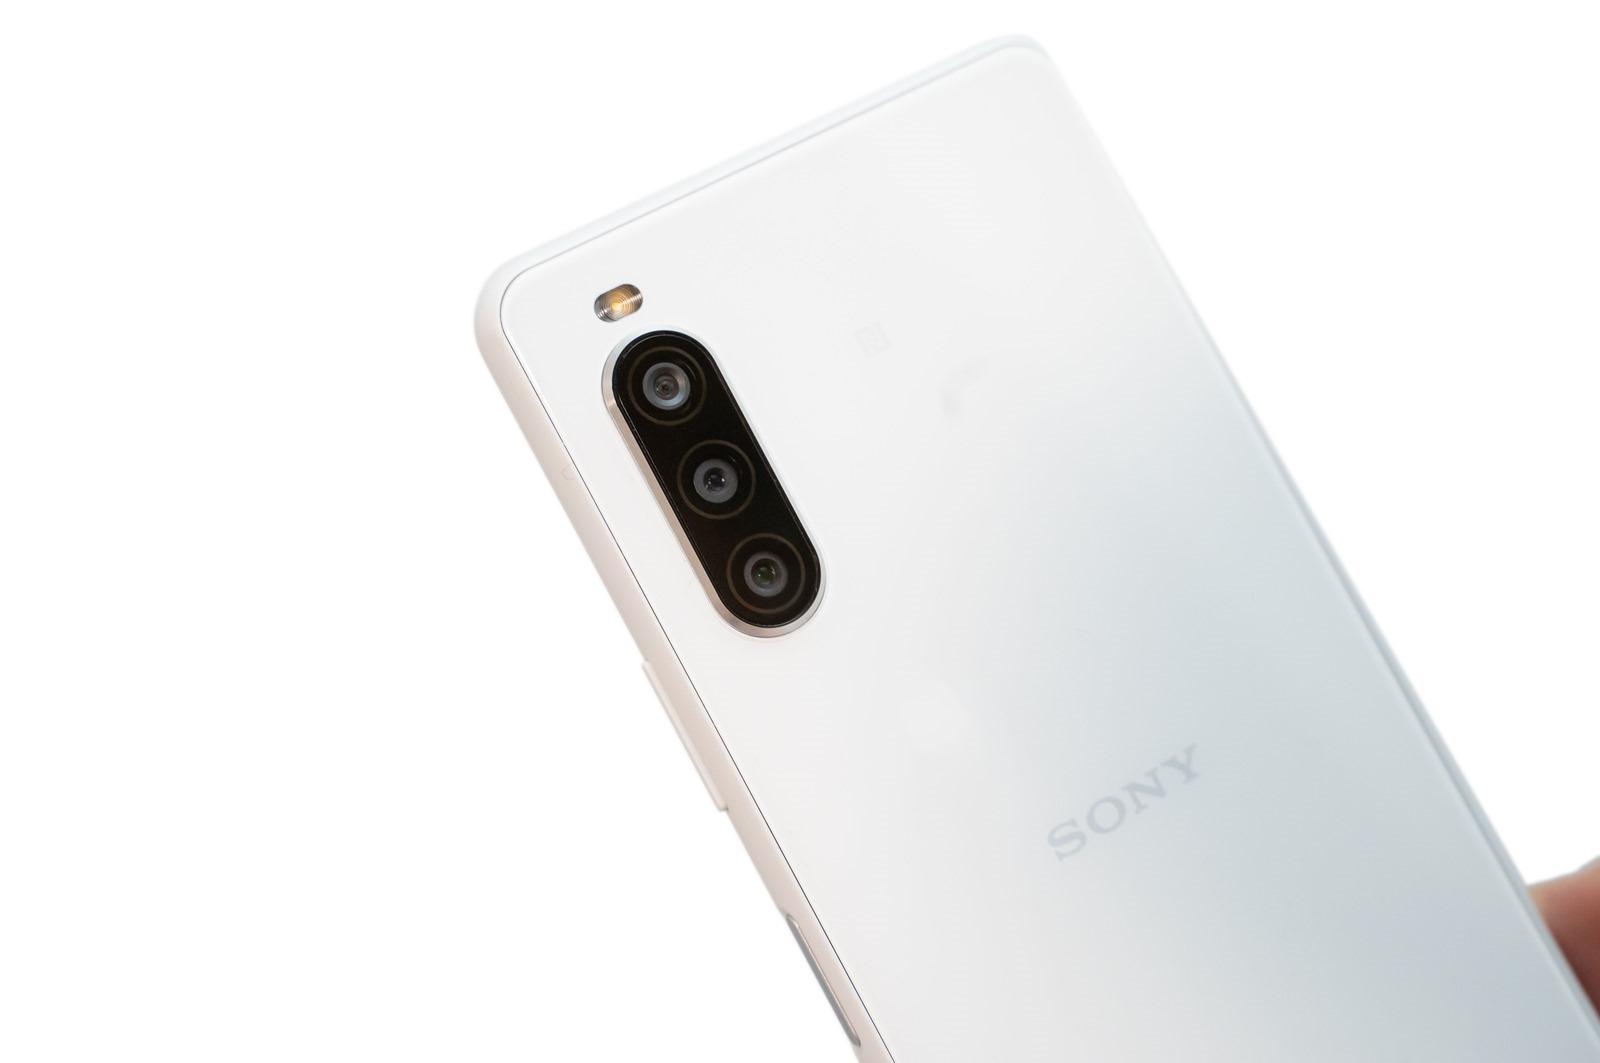 Sony Xperia 10 II 新機實測 (3) 大量實拍照看看拍照表現如何(日拍/夜間/夜景模式/自拍)@3C 達人廖阿輝